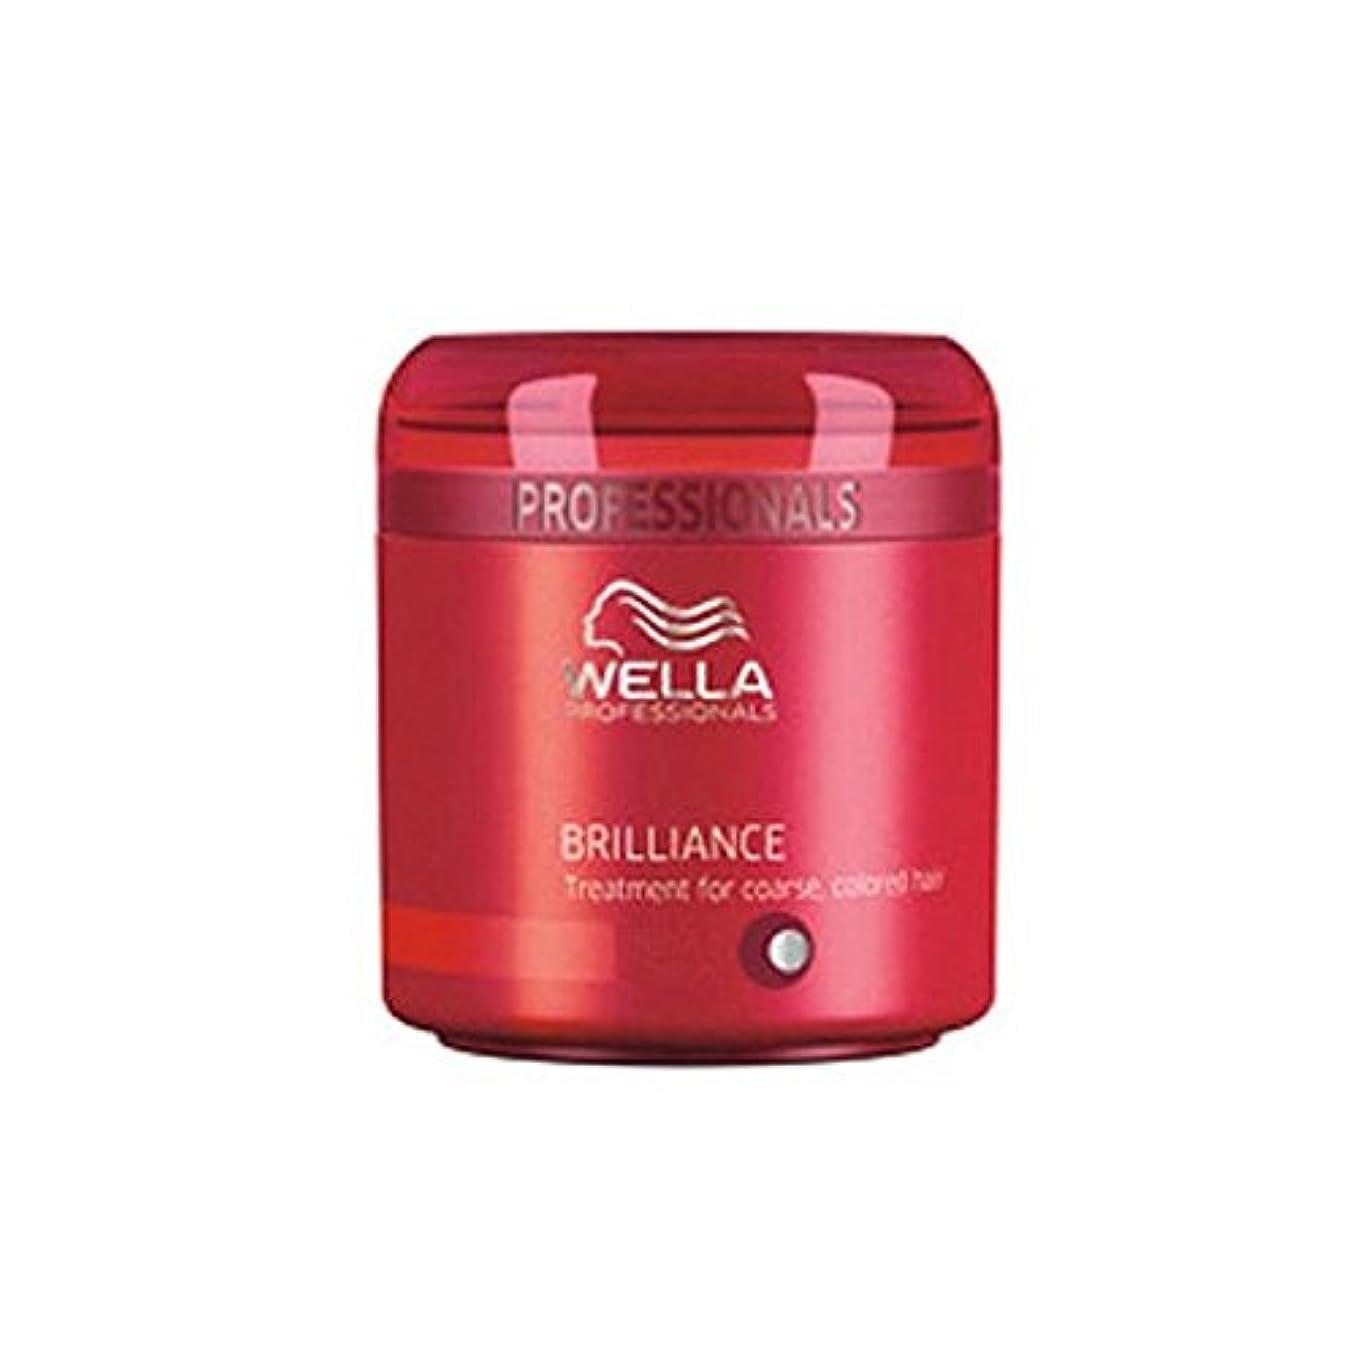 義務付けられた半導体読者ウェラの専門家が通常に罰金の治療を輝き、色の髪(500ミリリットル) x4 - Wella Professionals Brilliance Treatment For Fine To Normal, Coloured Hair (500ml) (Pack of 4) [並行輸入品]